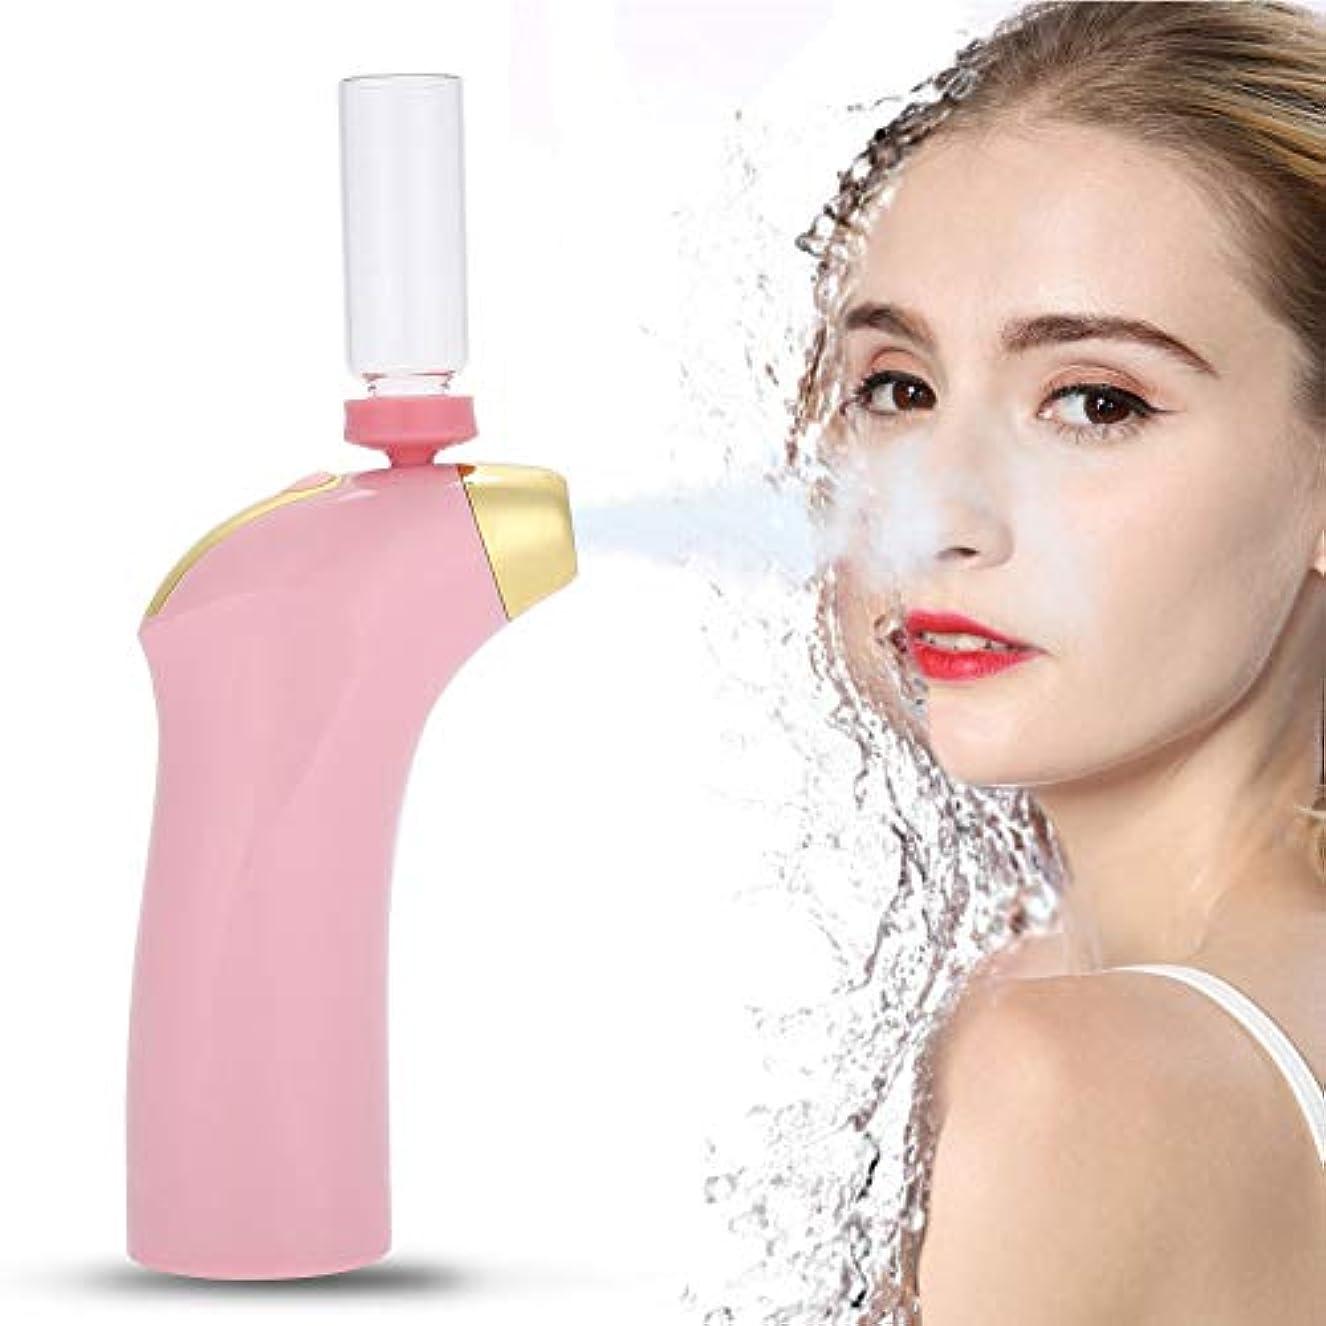 一人で囲い前提条件専門の酸素の注入のスプレーガン - 顔の皮の若返りの美機械、顔の美の器械、引き締まる皮は、肌の色合い、色素形成を改善します